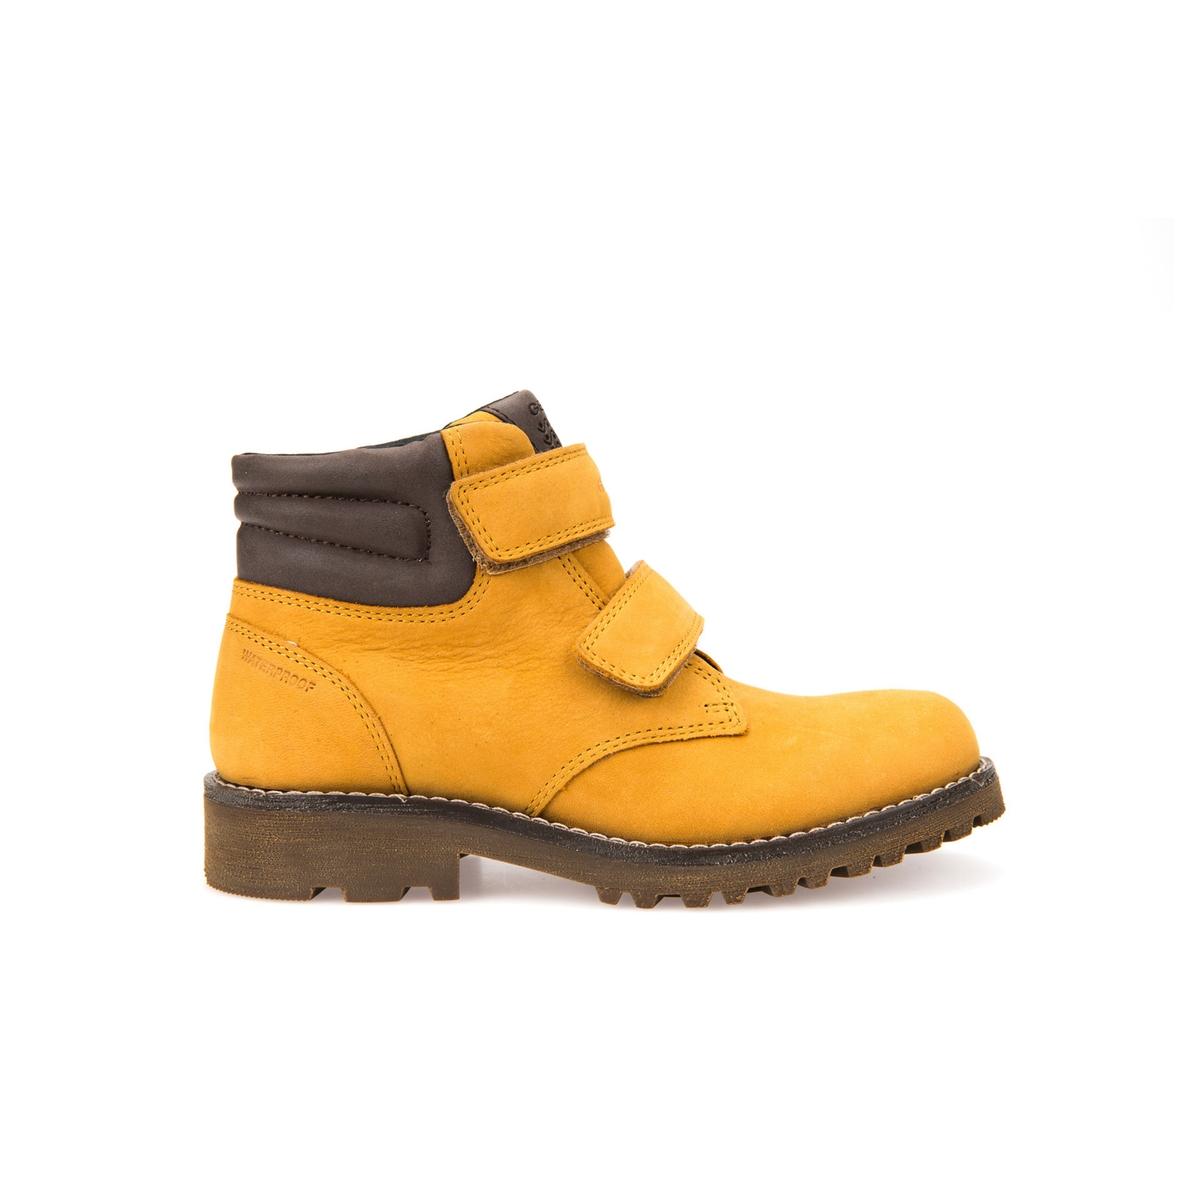 Boots con patta a strappo Axel B. Wpf C